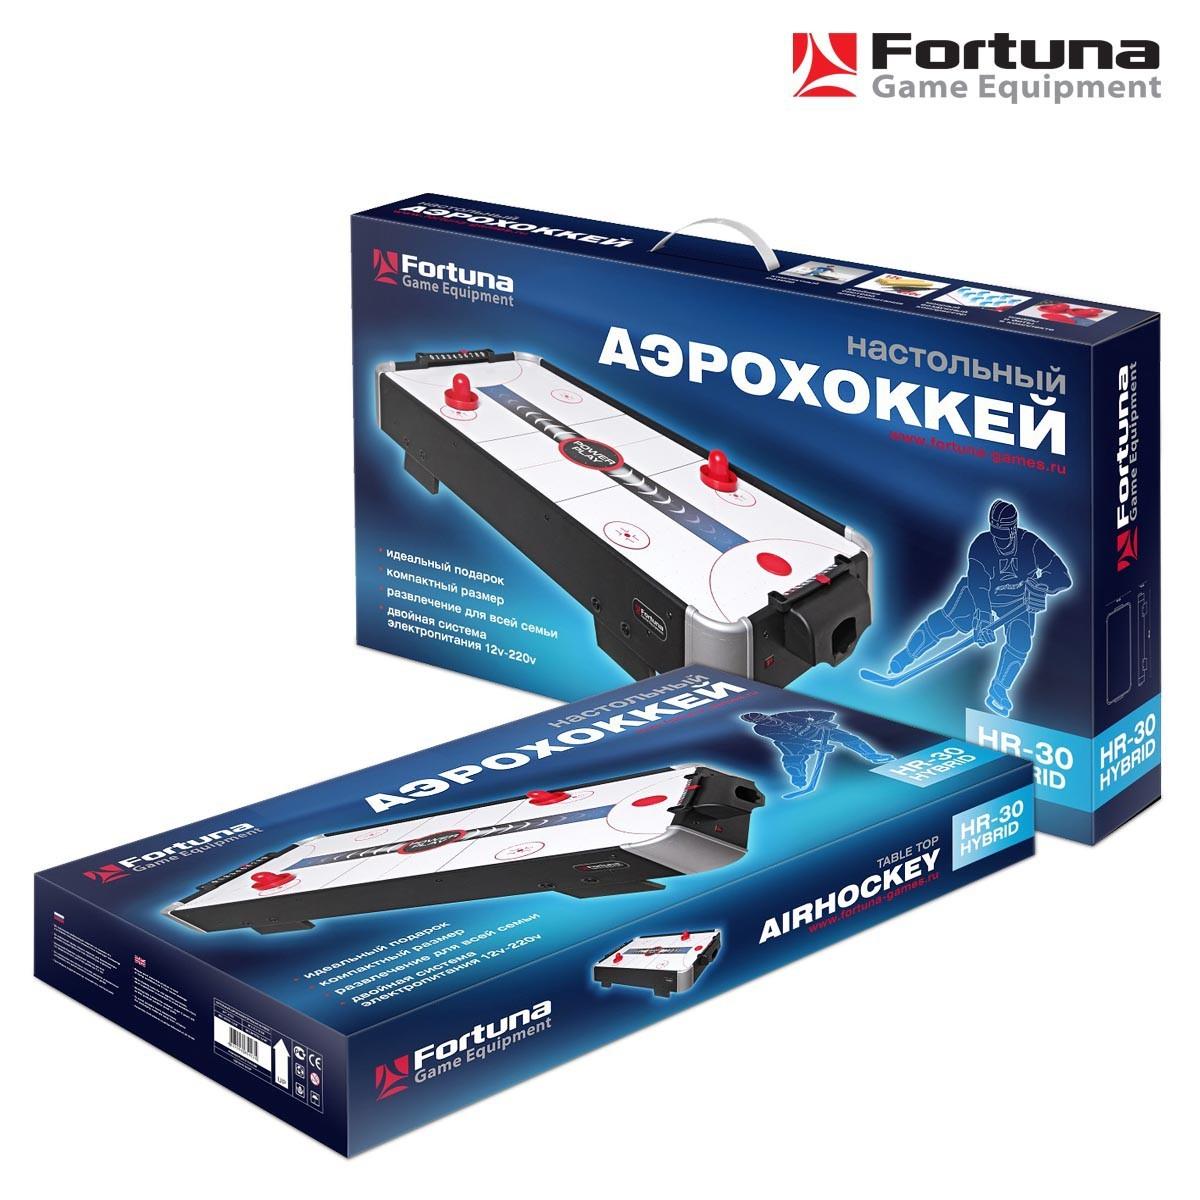 Настольный Аэрохоккей FORTUNA HR-30